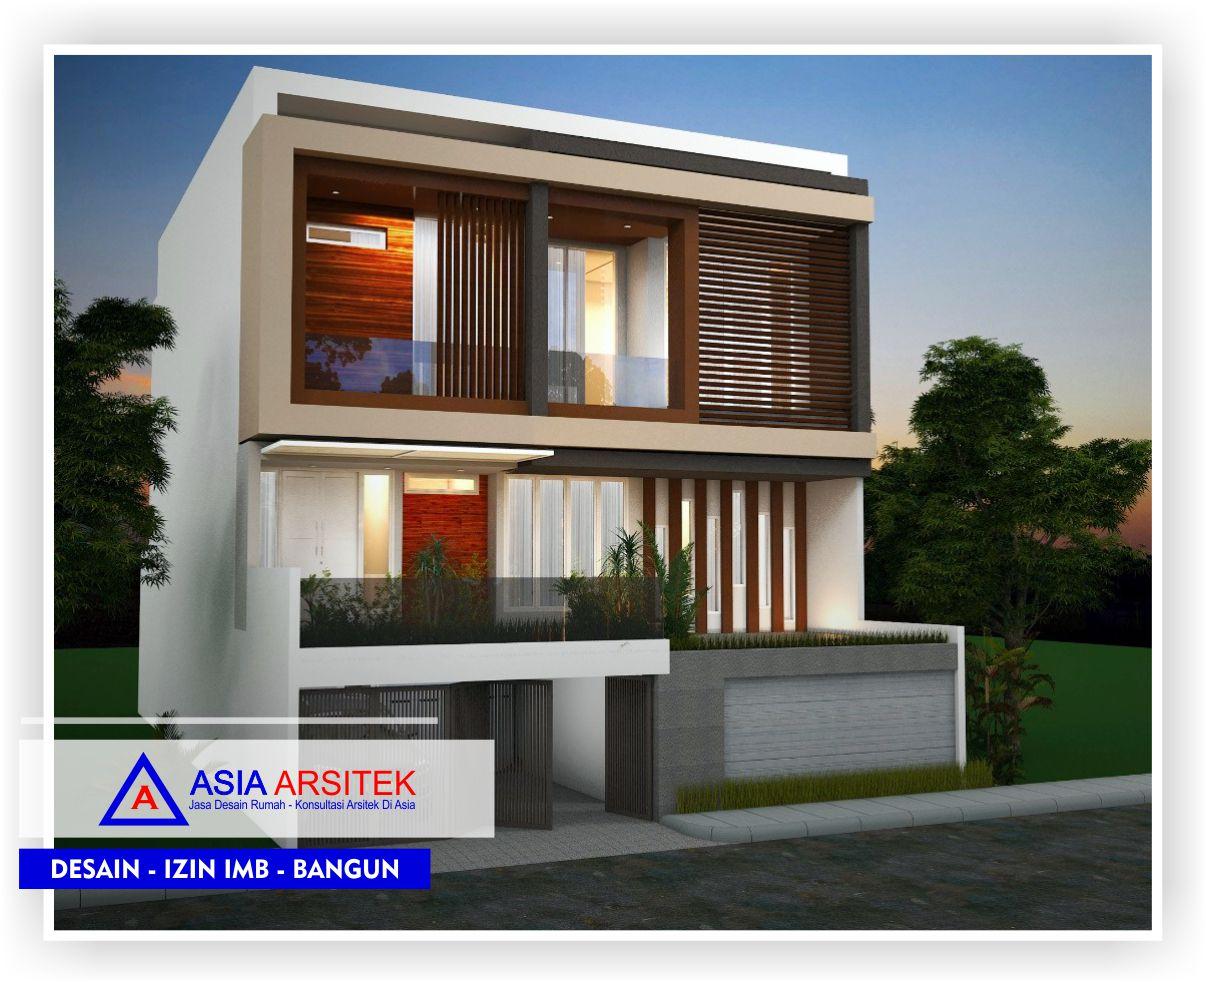 Konsep-desain-rumah-minimalis-bpk-fanur-view-1